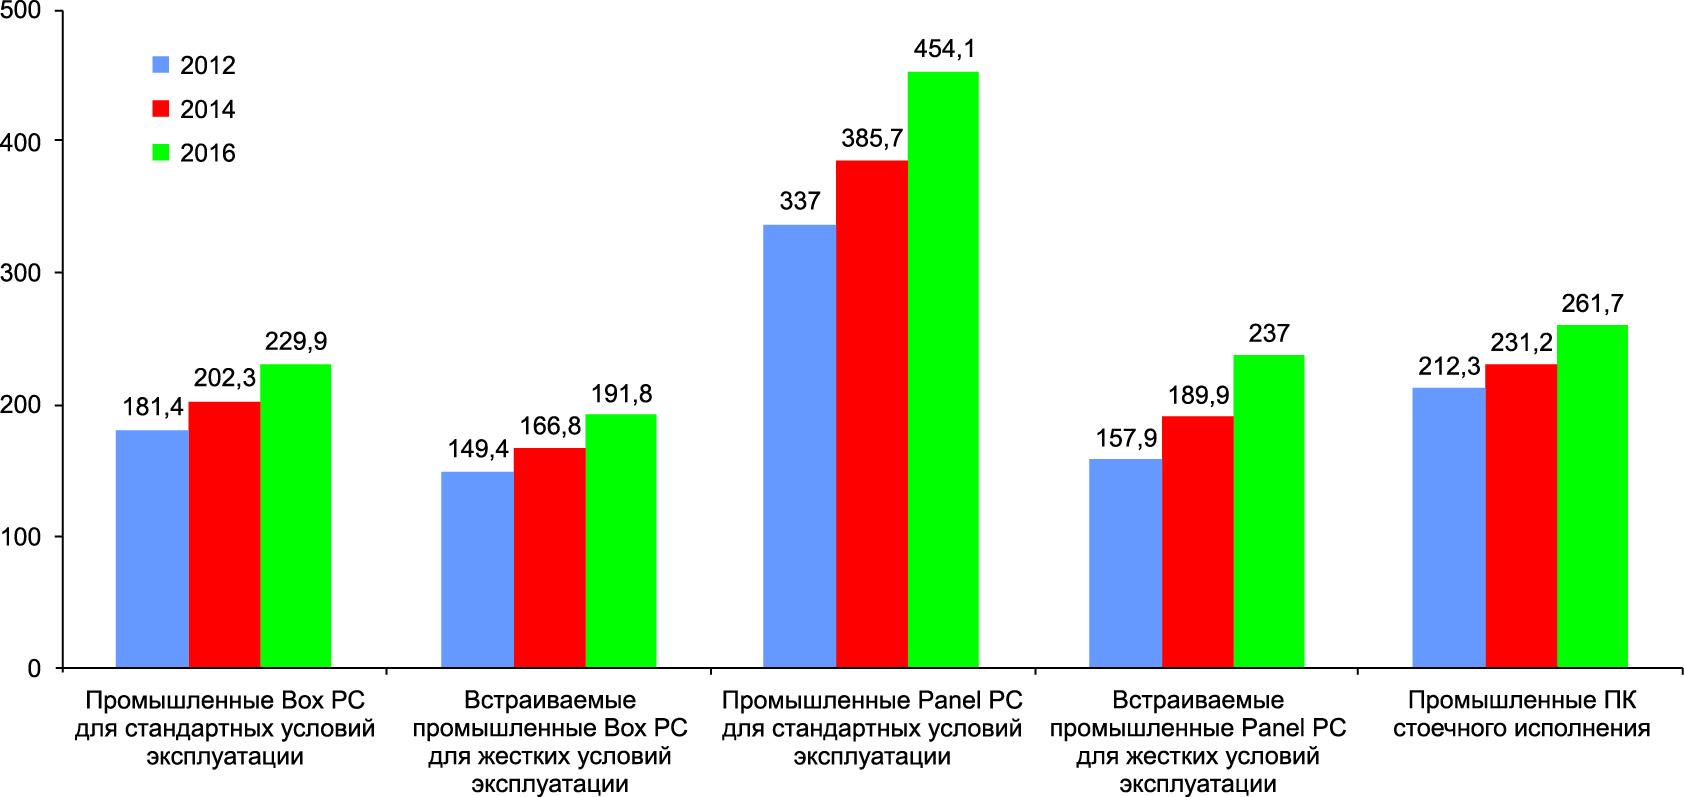 Динамика объемов продаж различных типов промышленных ПК в регионе EMEA в 2012–2016 гг. (источник: IMS Research, 2013)